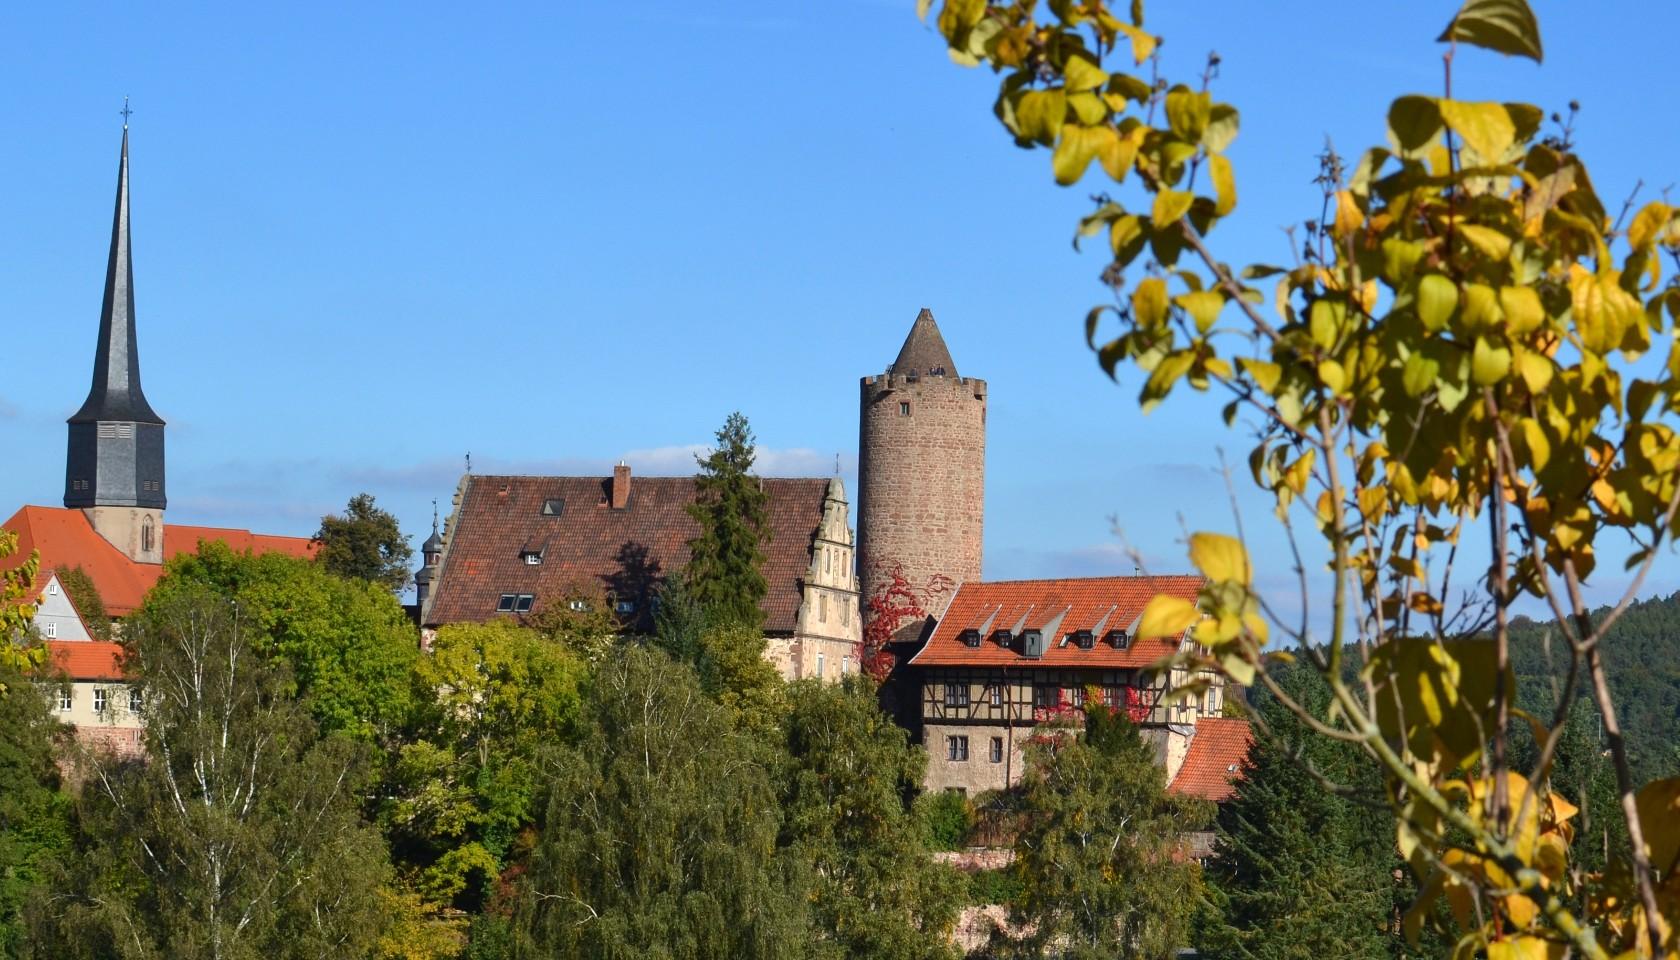 Hinterburg